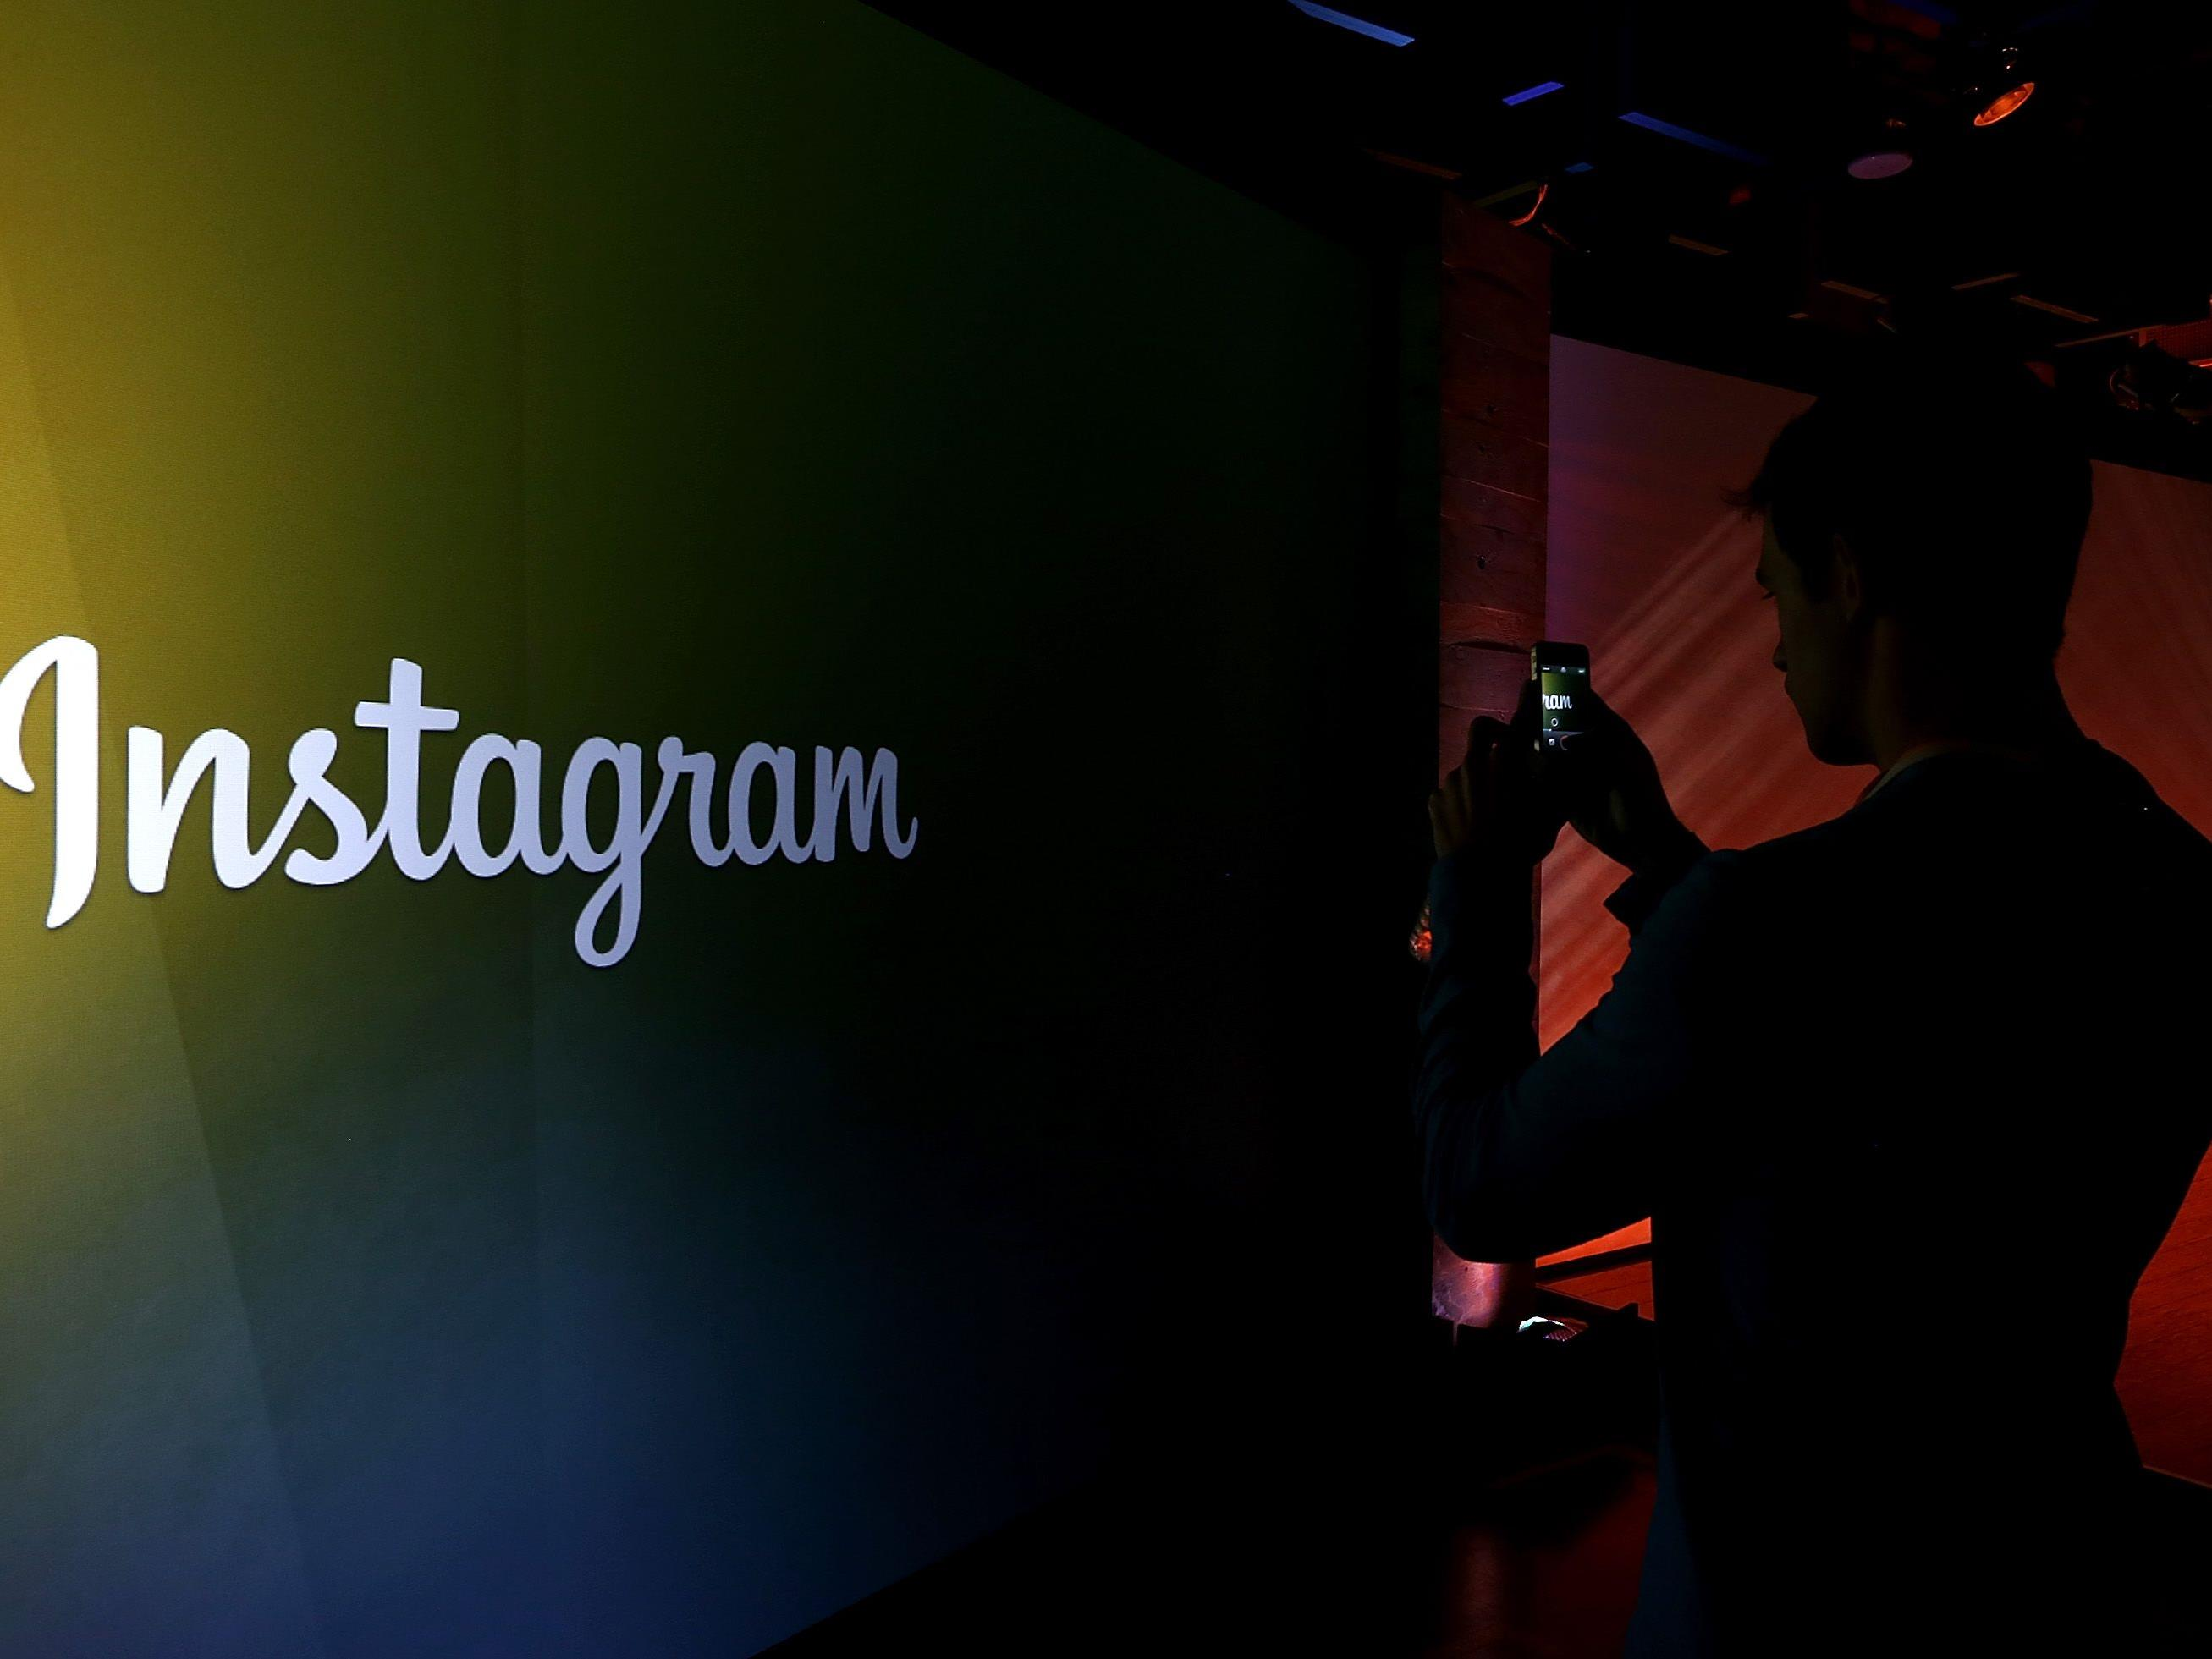 Vor allem auf Instagram sind Social-Media-Kampagnen häufig zu finden.